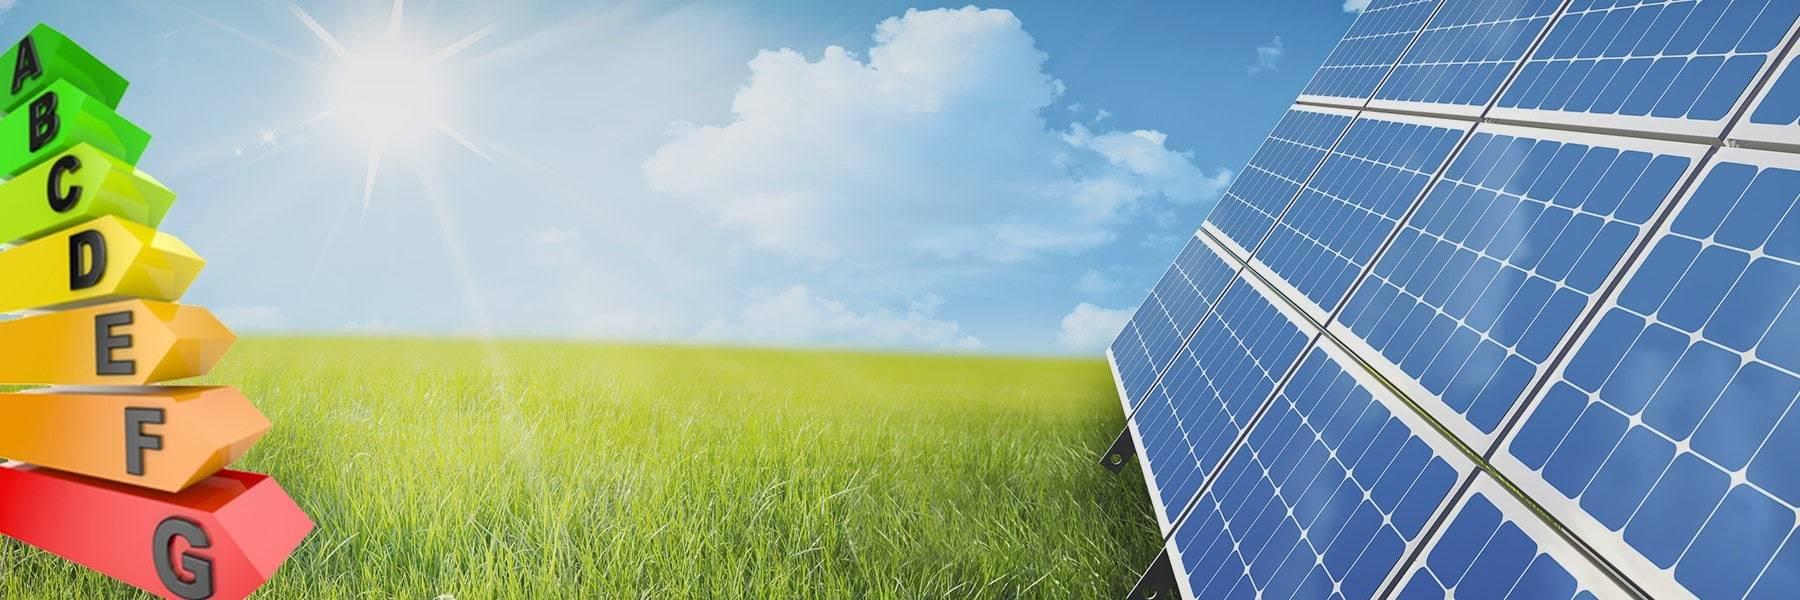 Energie besparende maatregelen hypotheek - HypotheekStore - De HypotheekStore